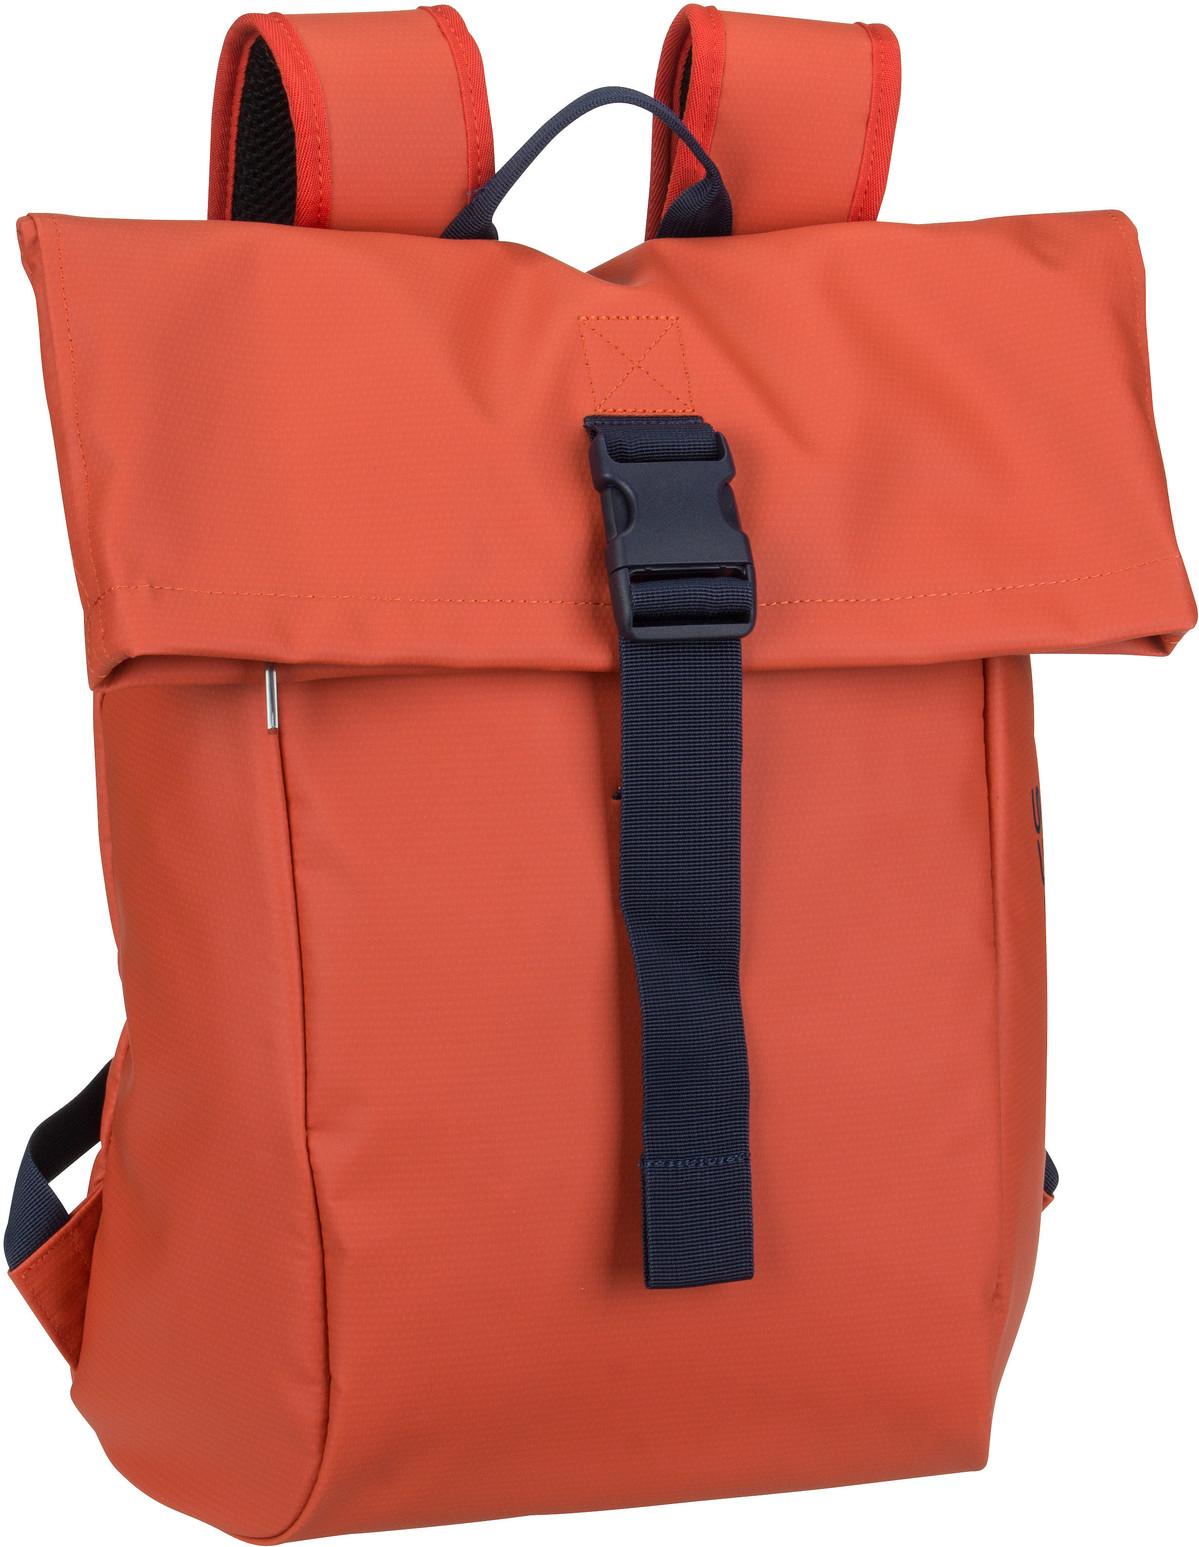 Rucksack / Daypack Punch 92 Pumpkin (13 Liter)